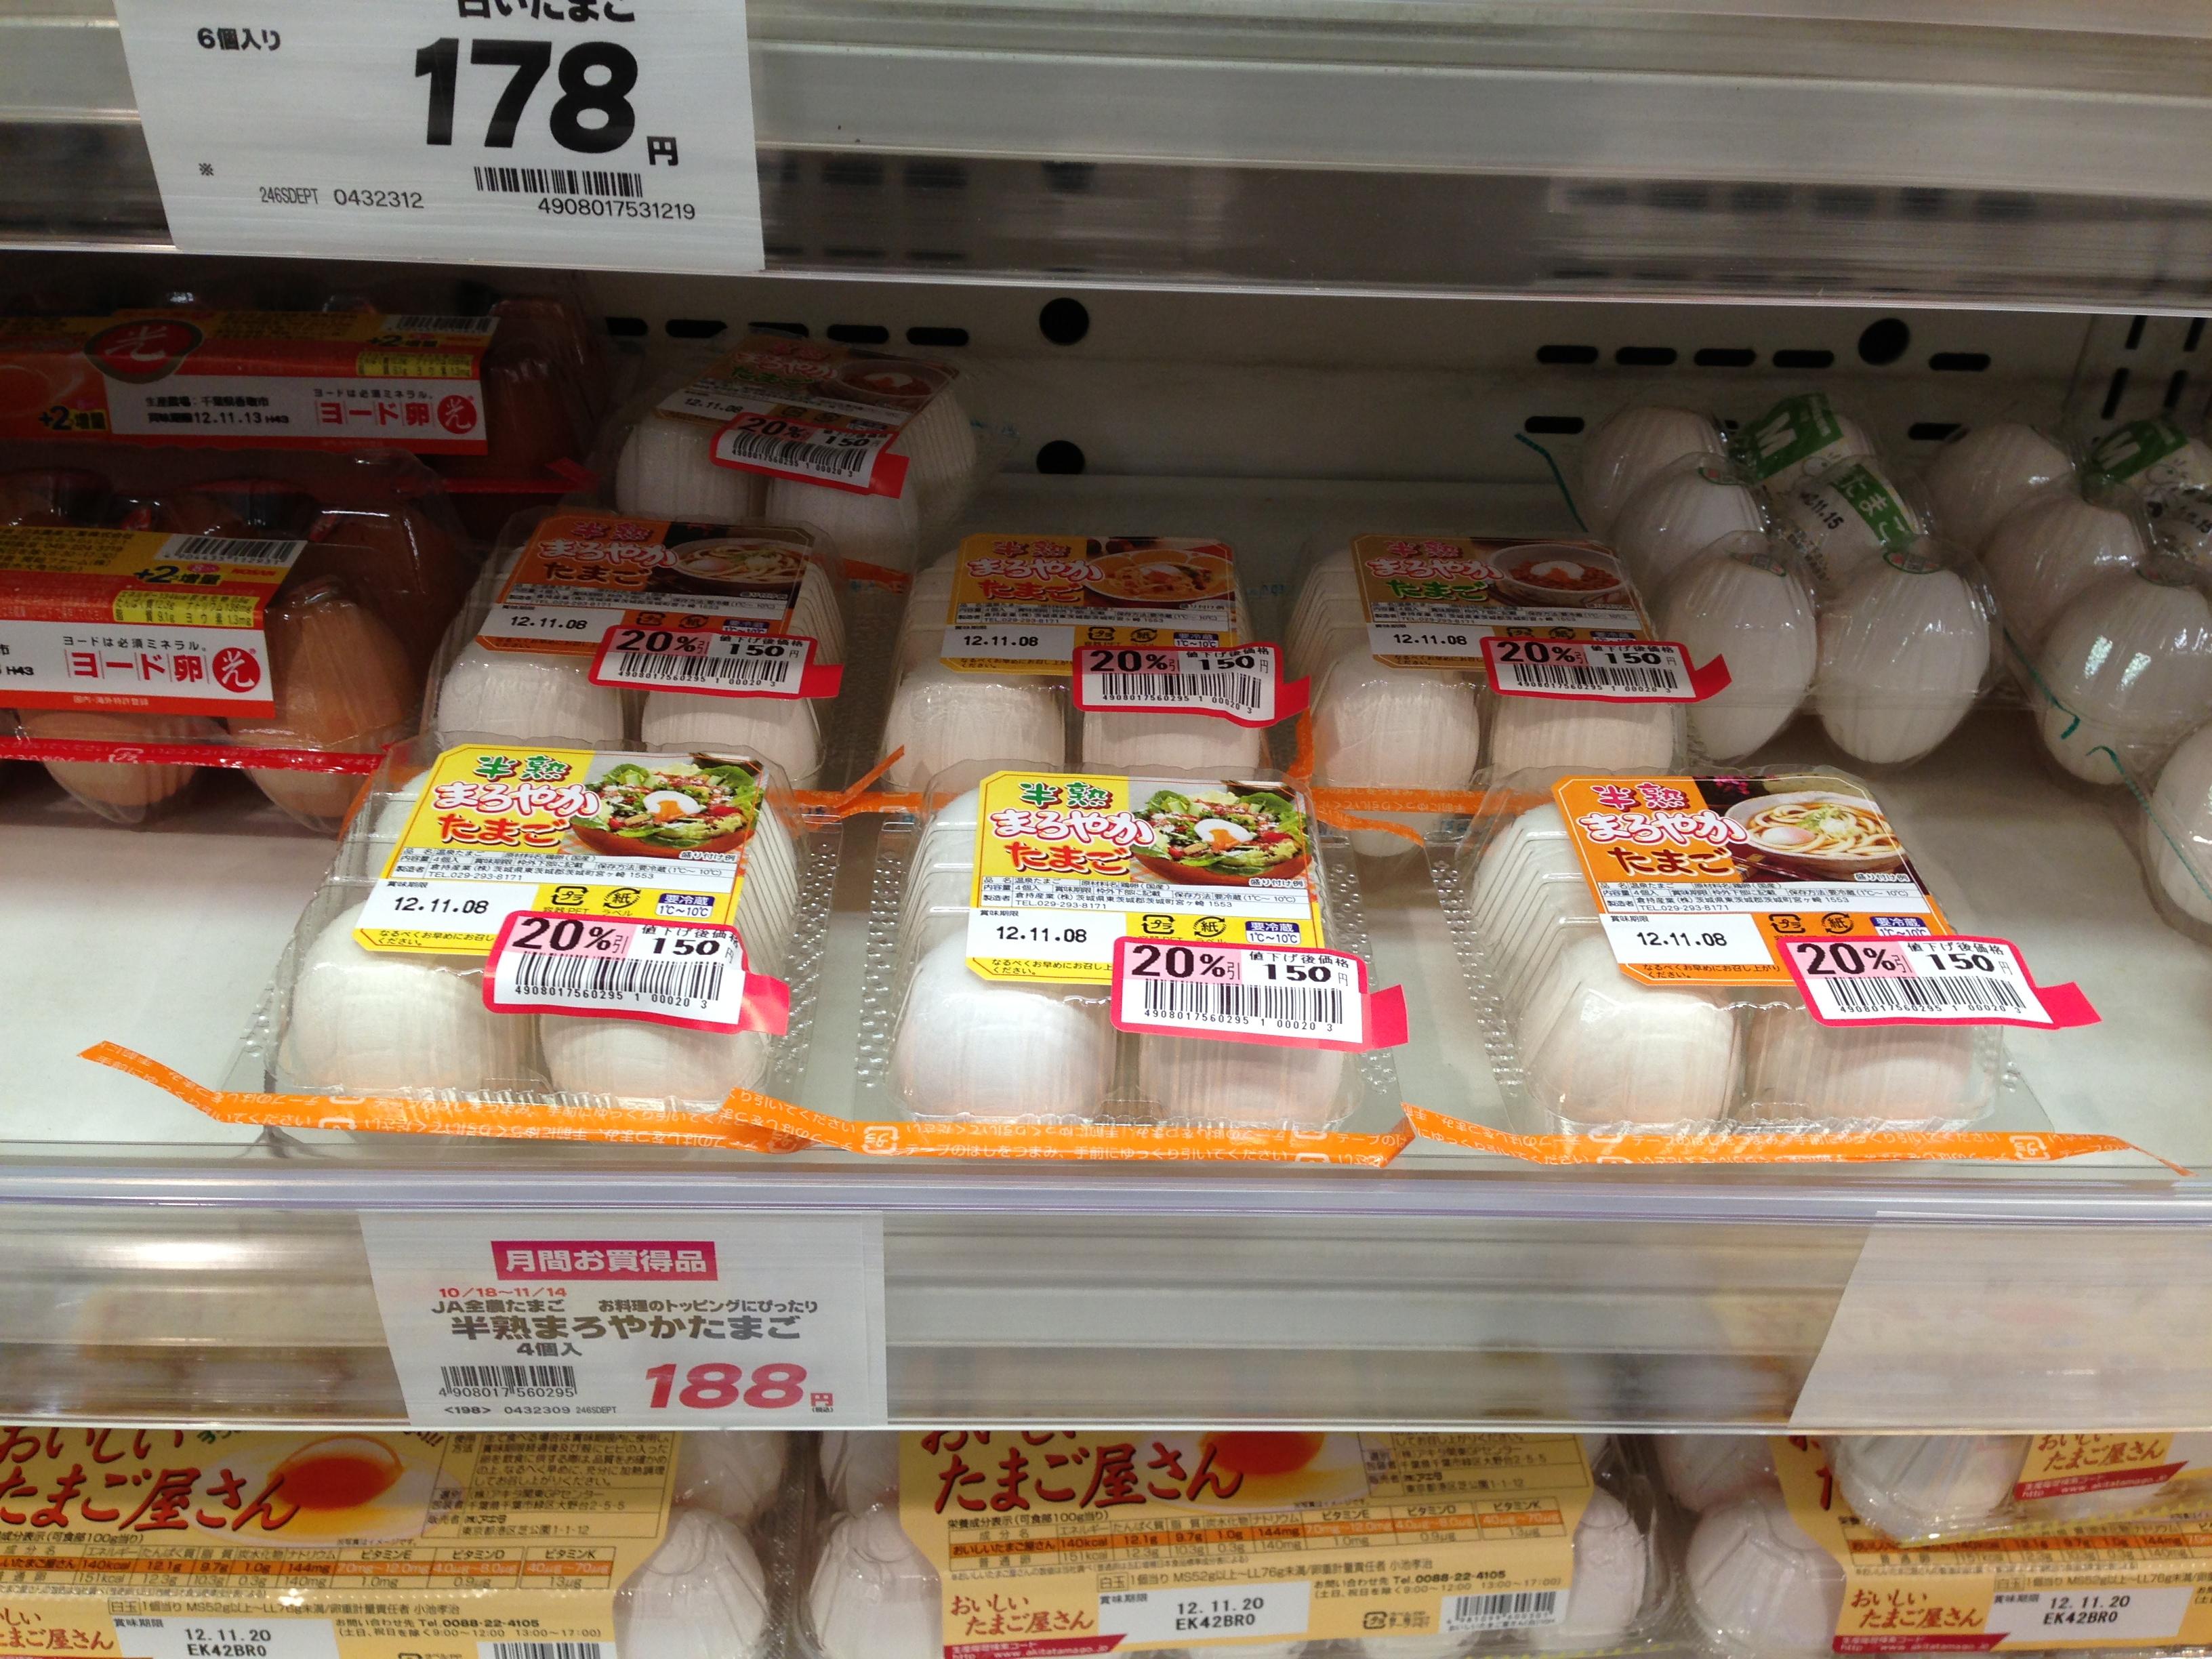 Pack de 4 huevos en el supermercado